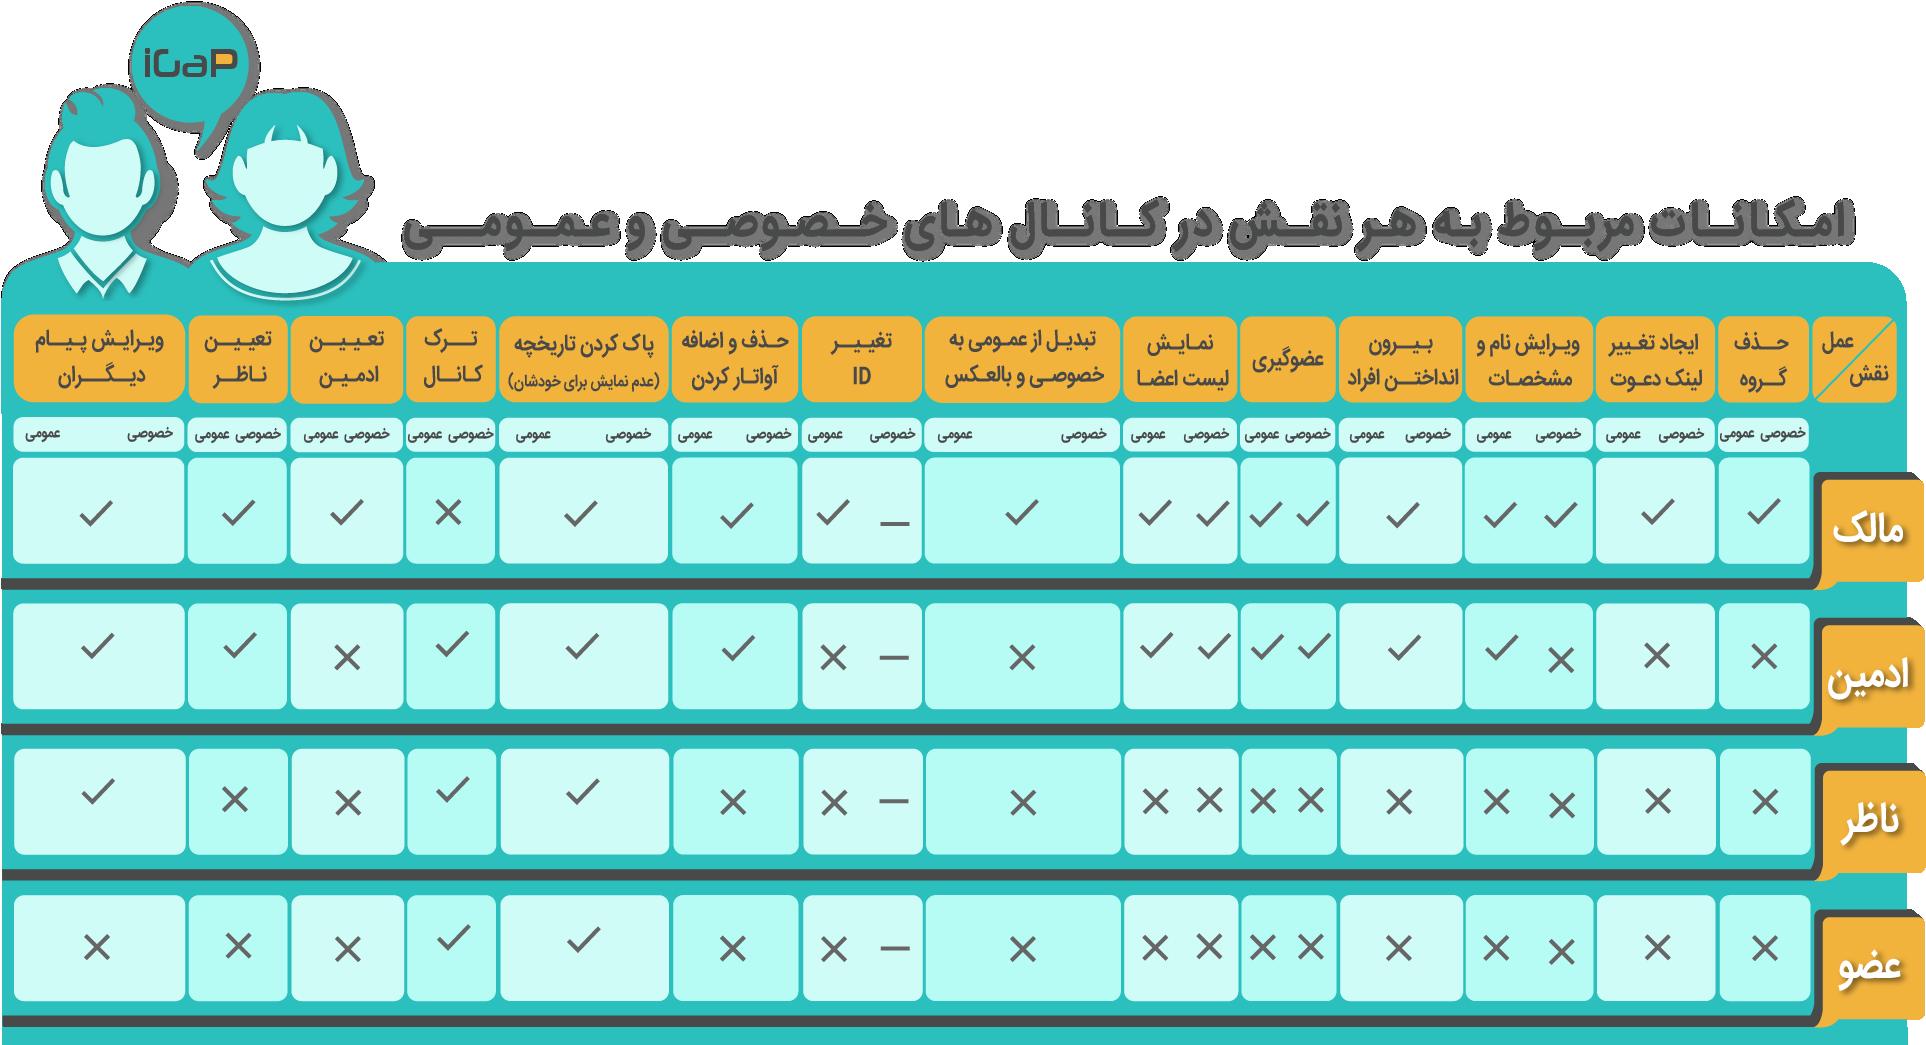 امکانات مربوط به هر نقش در کانال های خصوصی و عمومی آیگپ